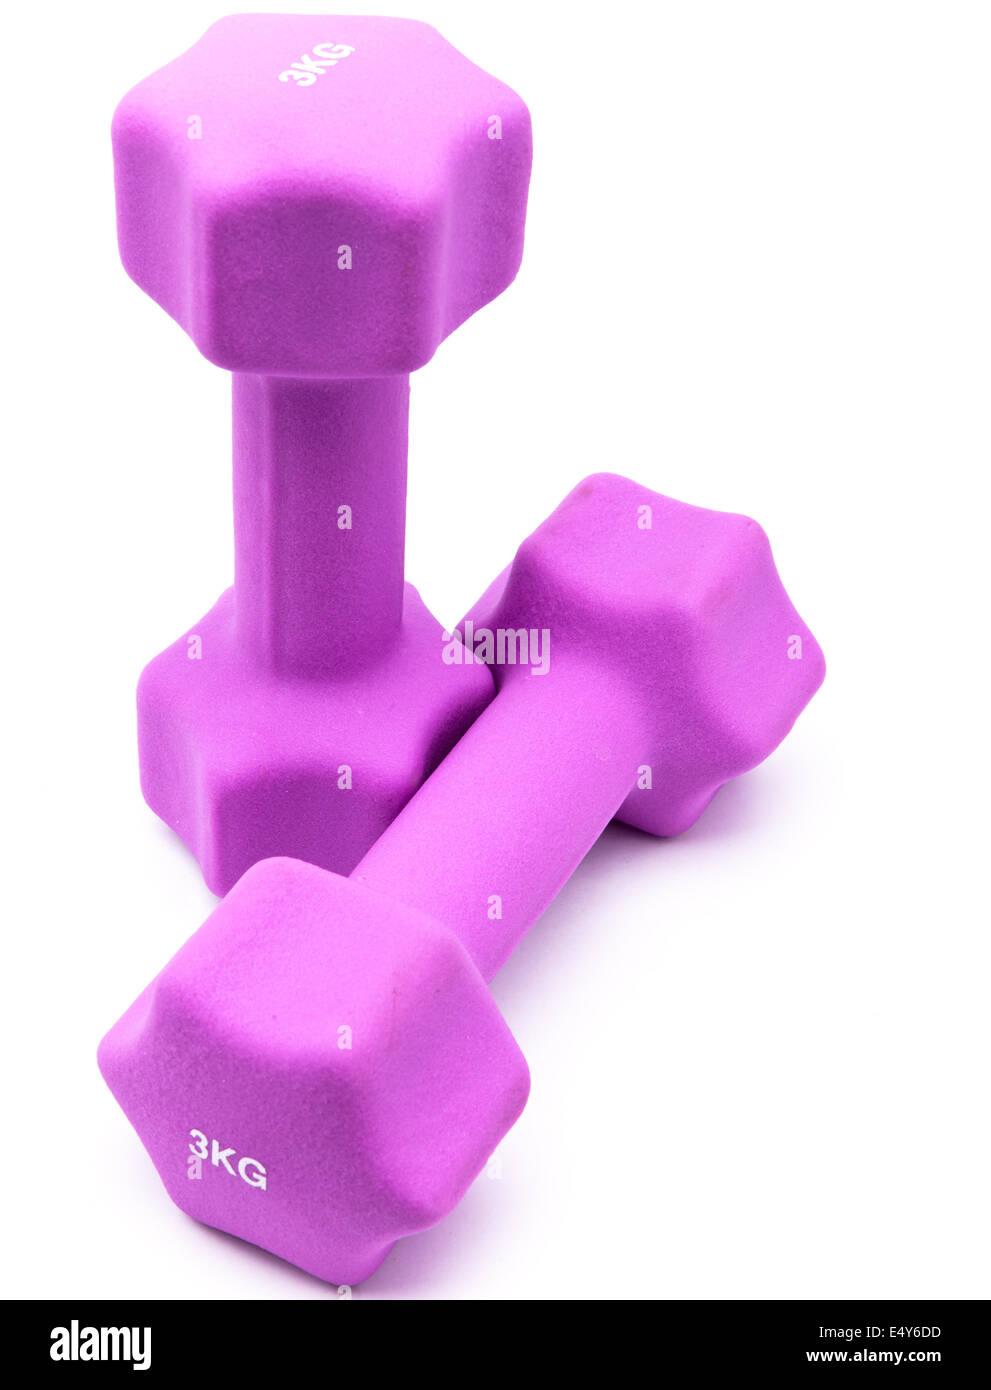 Pink 3 kg dumbbells - Stock Image